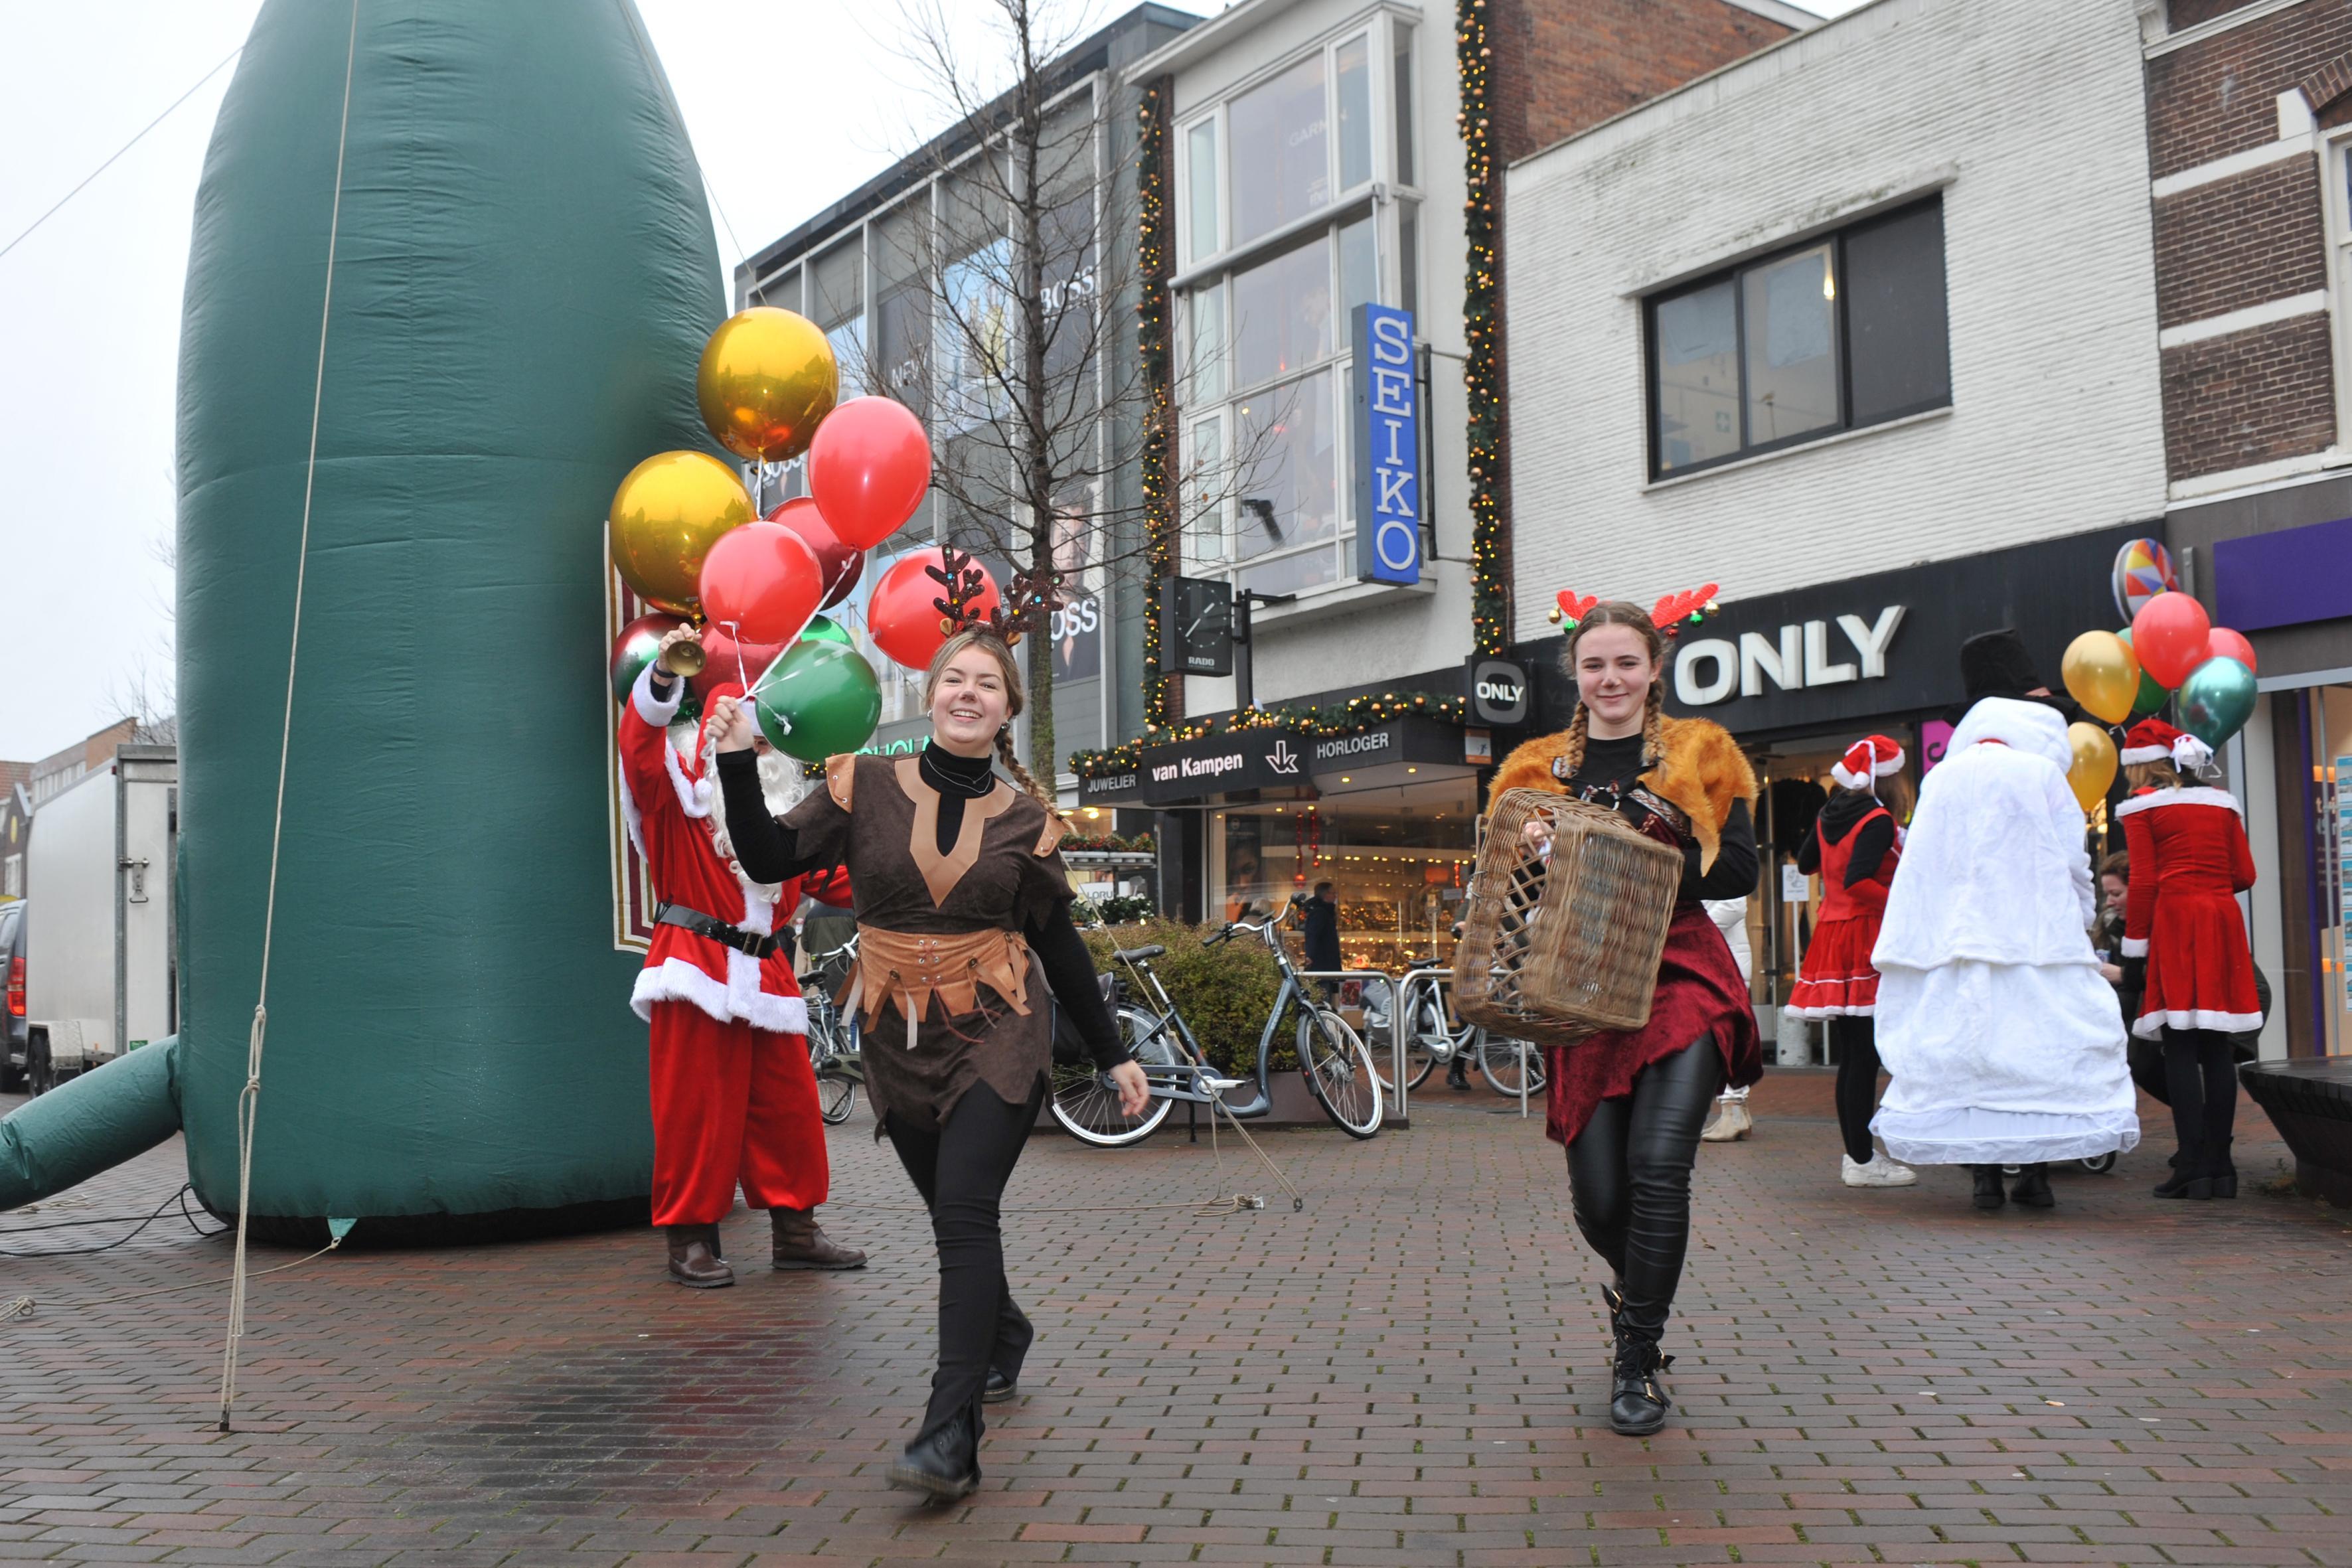 Bomaanslagen gesprek van de dag op gezellige Breestraat in Beverwijk. 'Ik maak me meer zorgen om het coronarisico dan om die explosies'